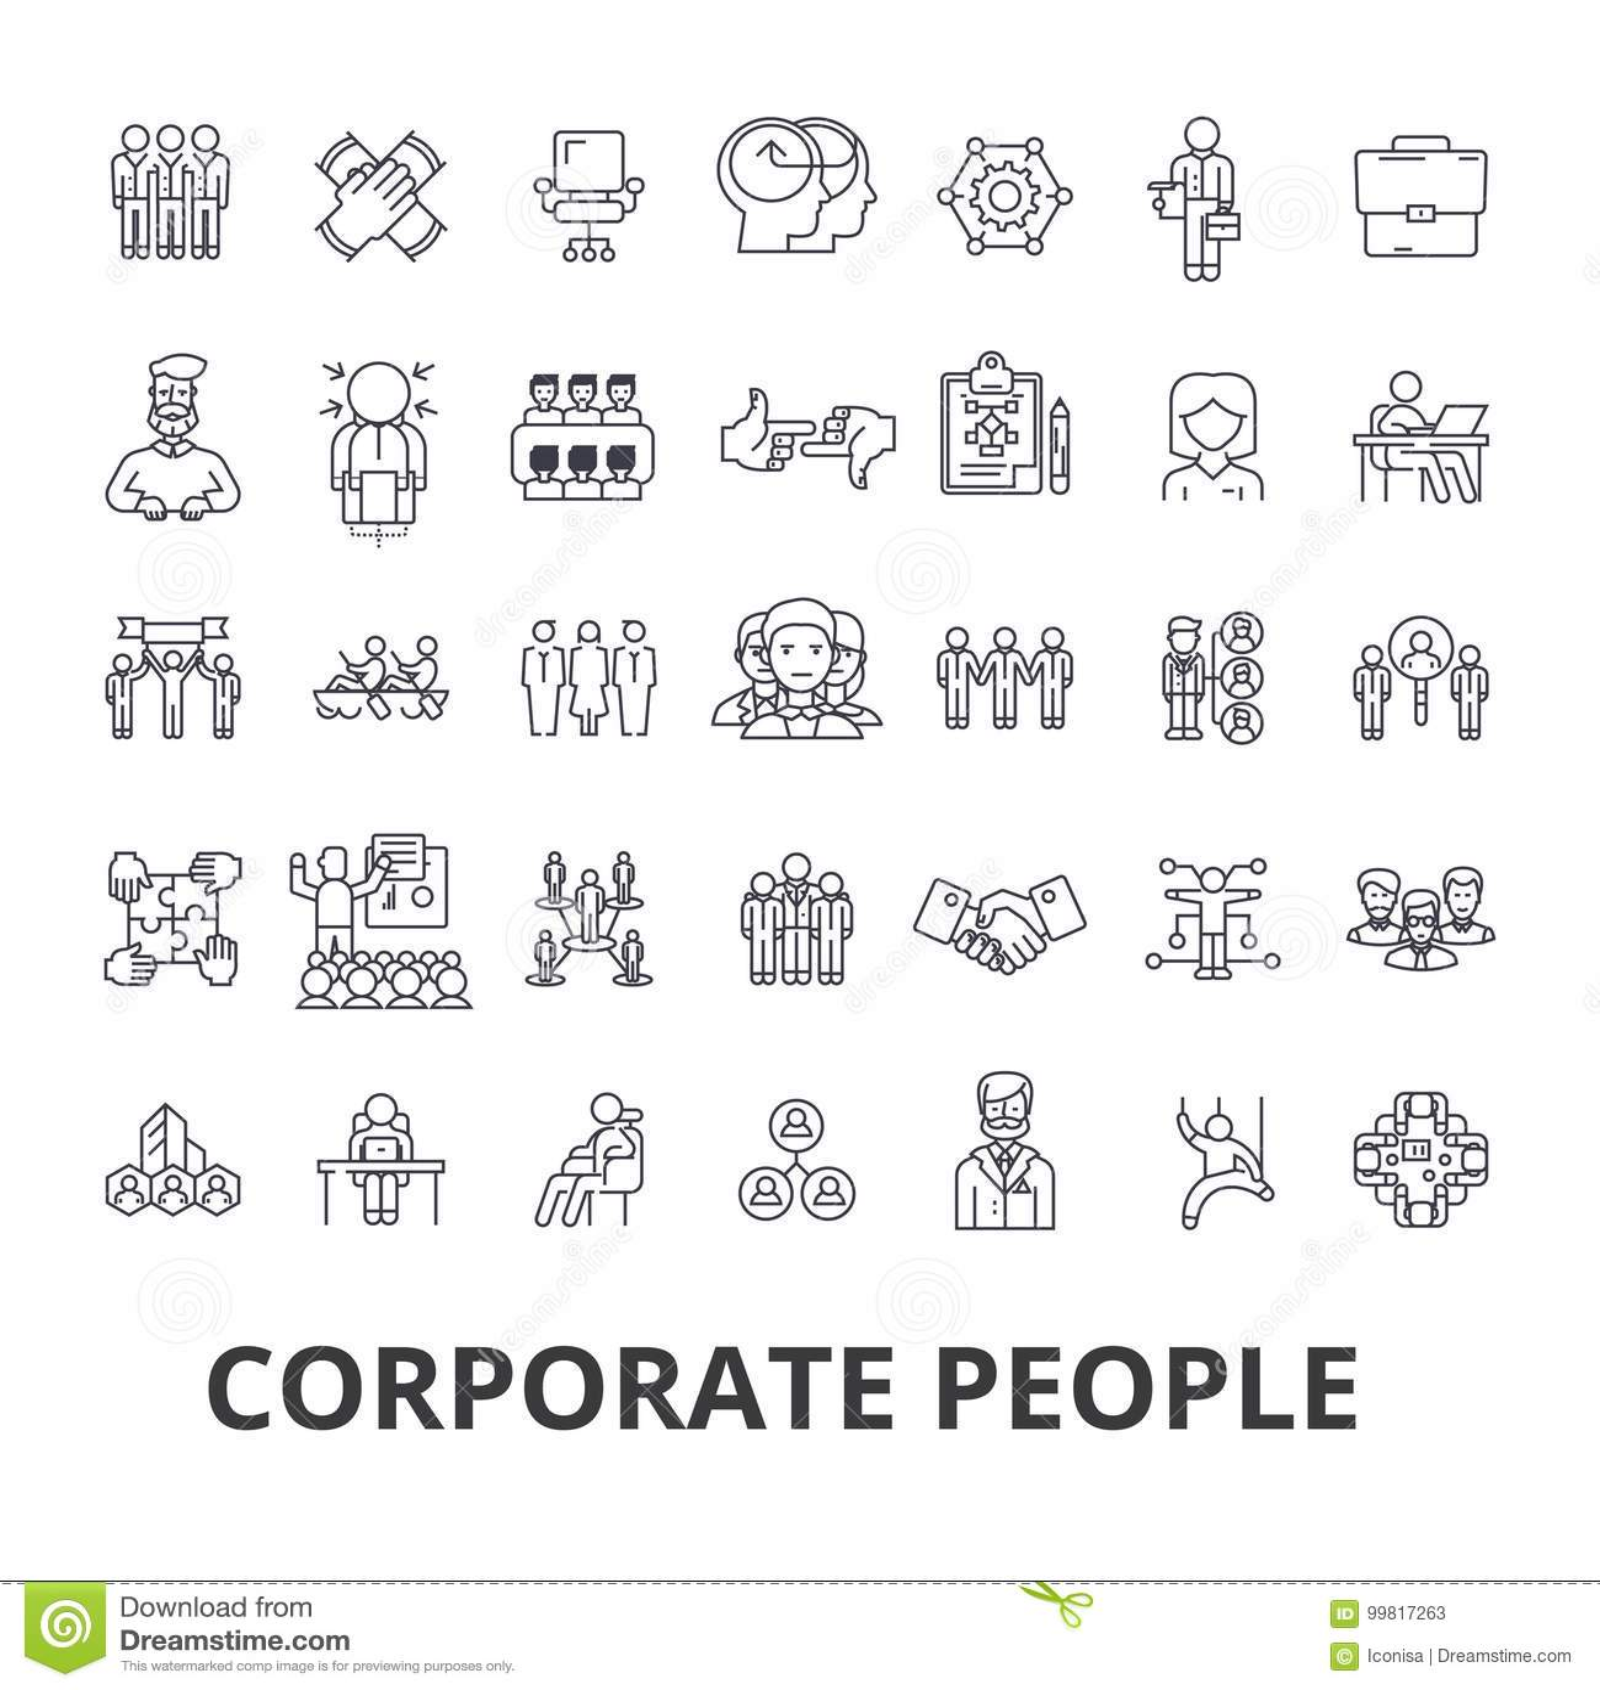 Εταιρικοί άνθρωποι, εταιρική ταυτότητα, επιχείρηση, τραίνο, εταιρικό γεγονός, εικονίδια γραμμών γραφείων Κτυπήματα Editable Επίπε